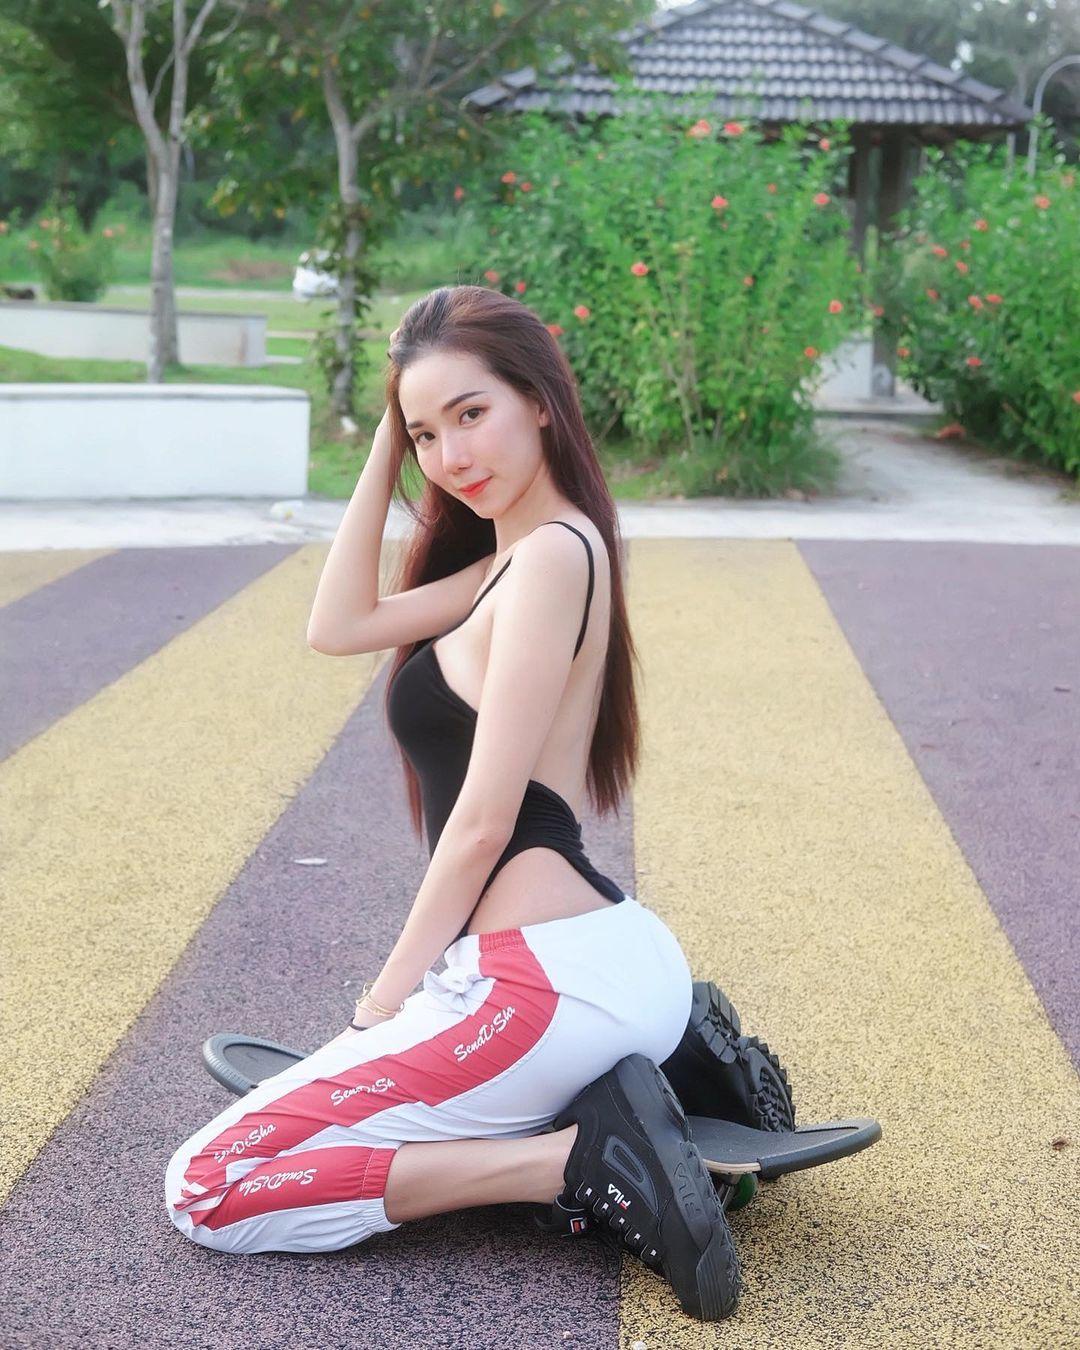 甜美系「高颜值女孩」散发满满电力!完美身材展现超迷人曲线-新图包